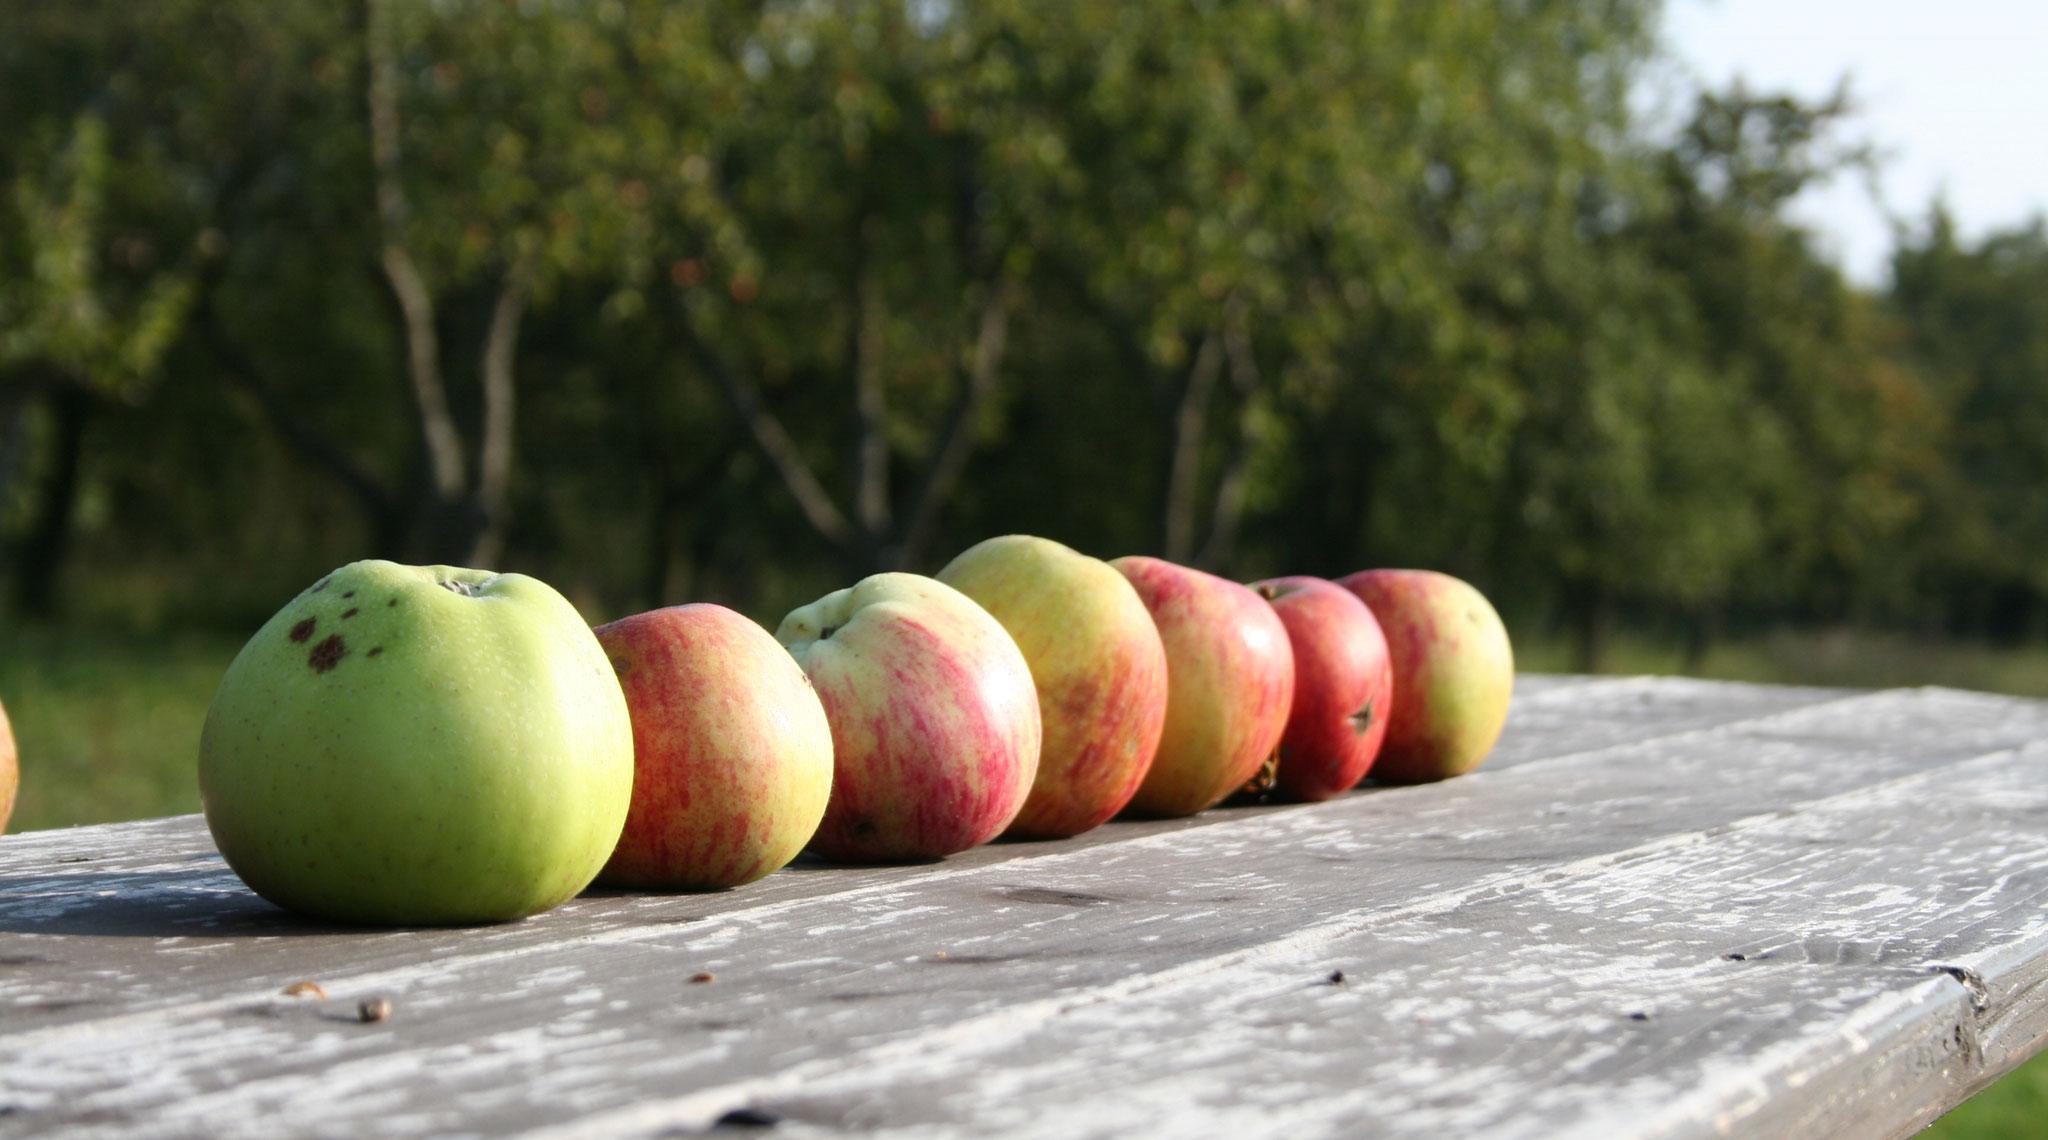 ... und die schönsten Äpfel gleich aufessen.